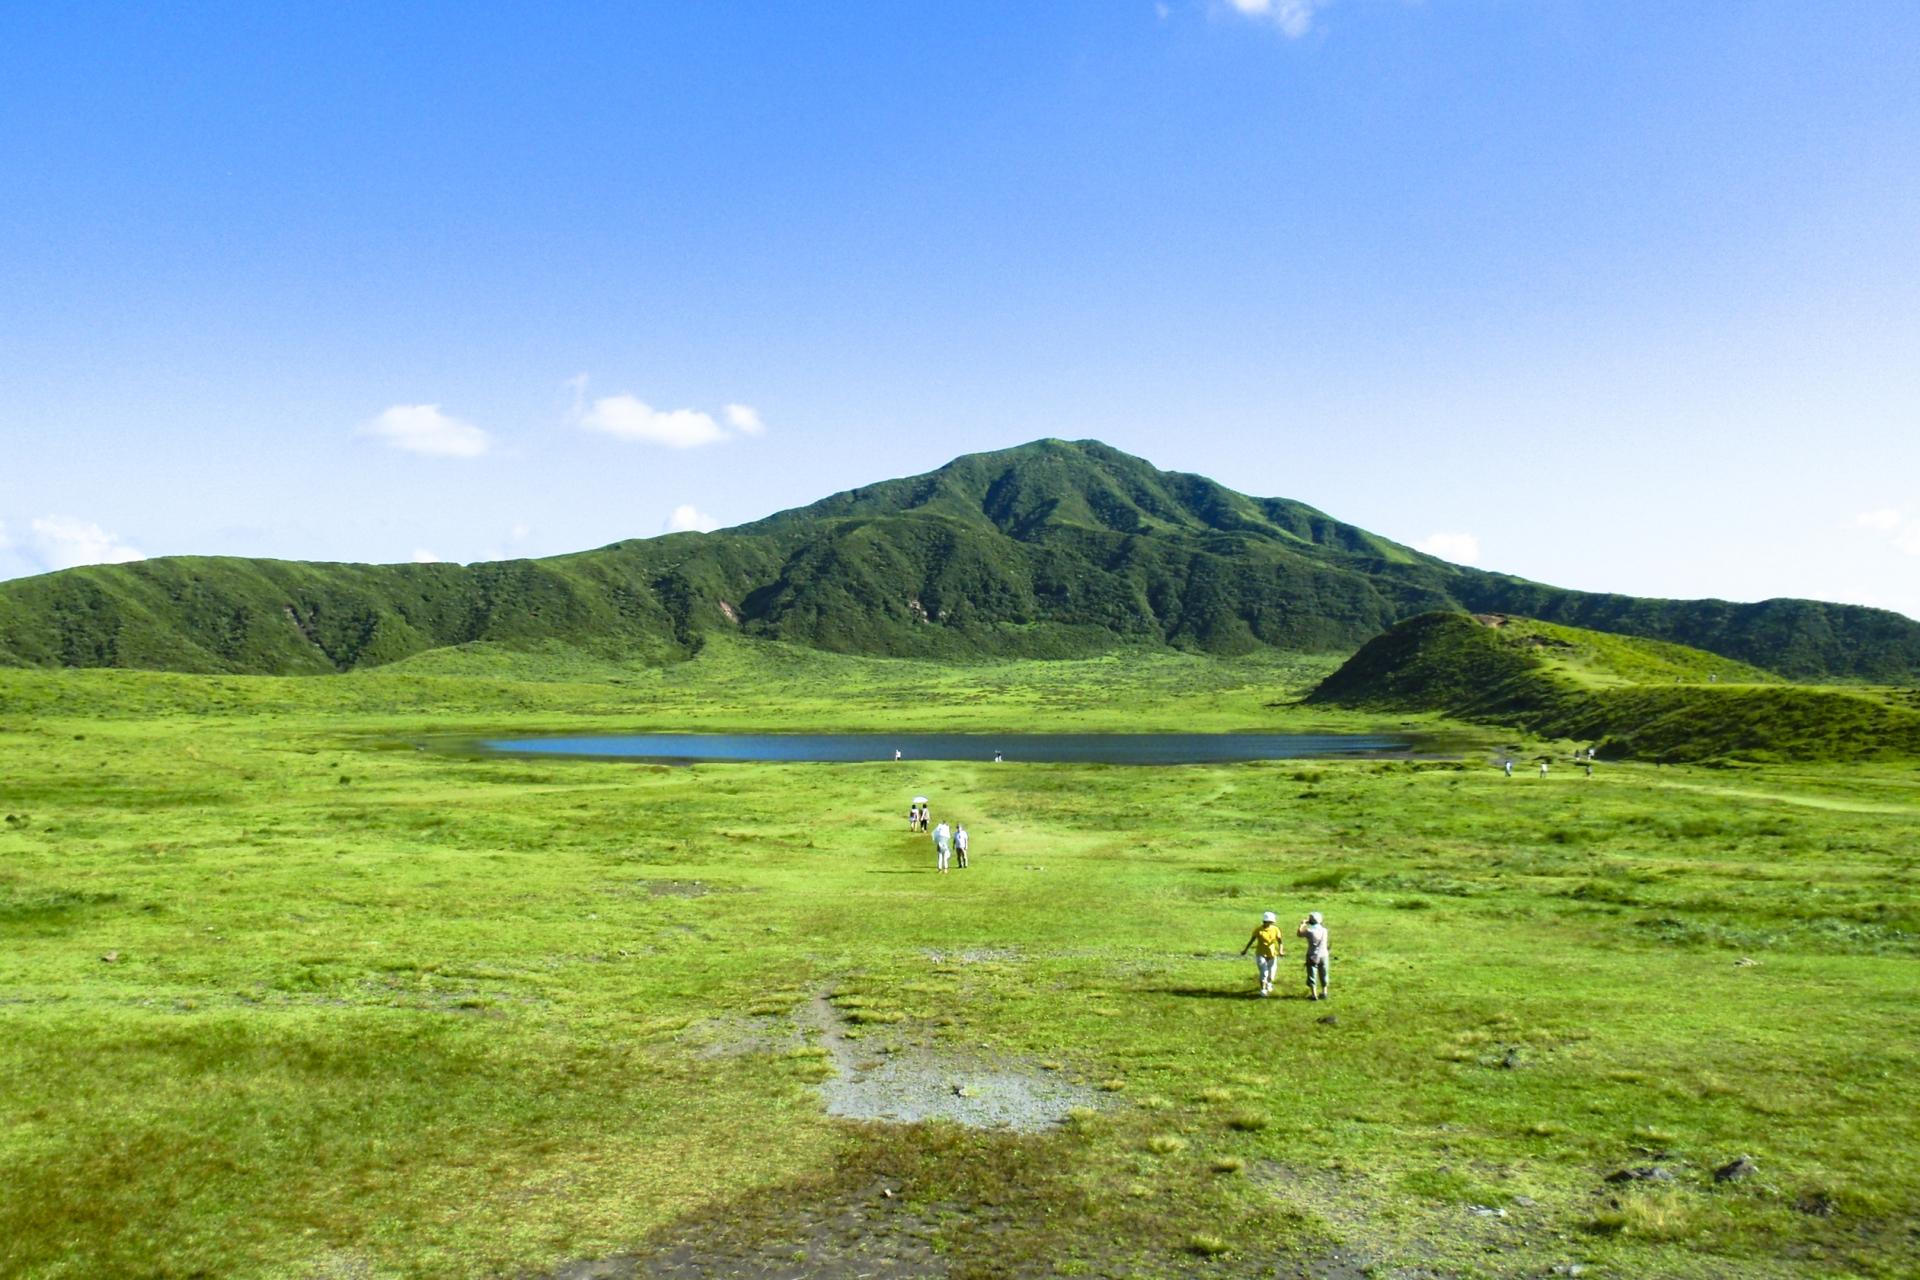 九州へひとり旅!観光や温泉・グルメを楽しむおすすめルートを紹介!